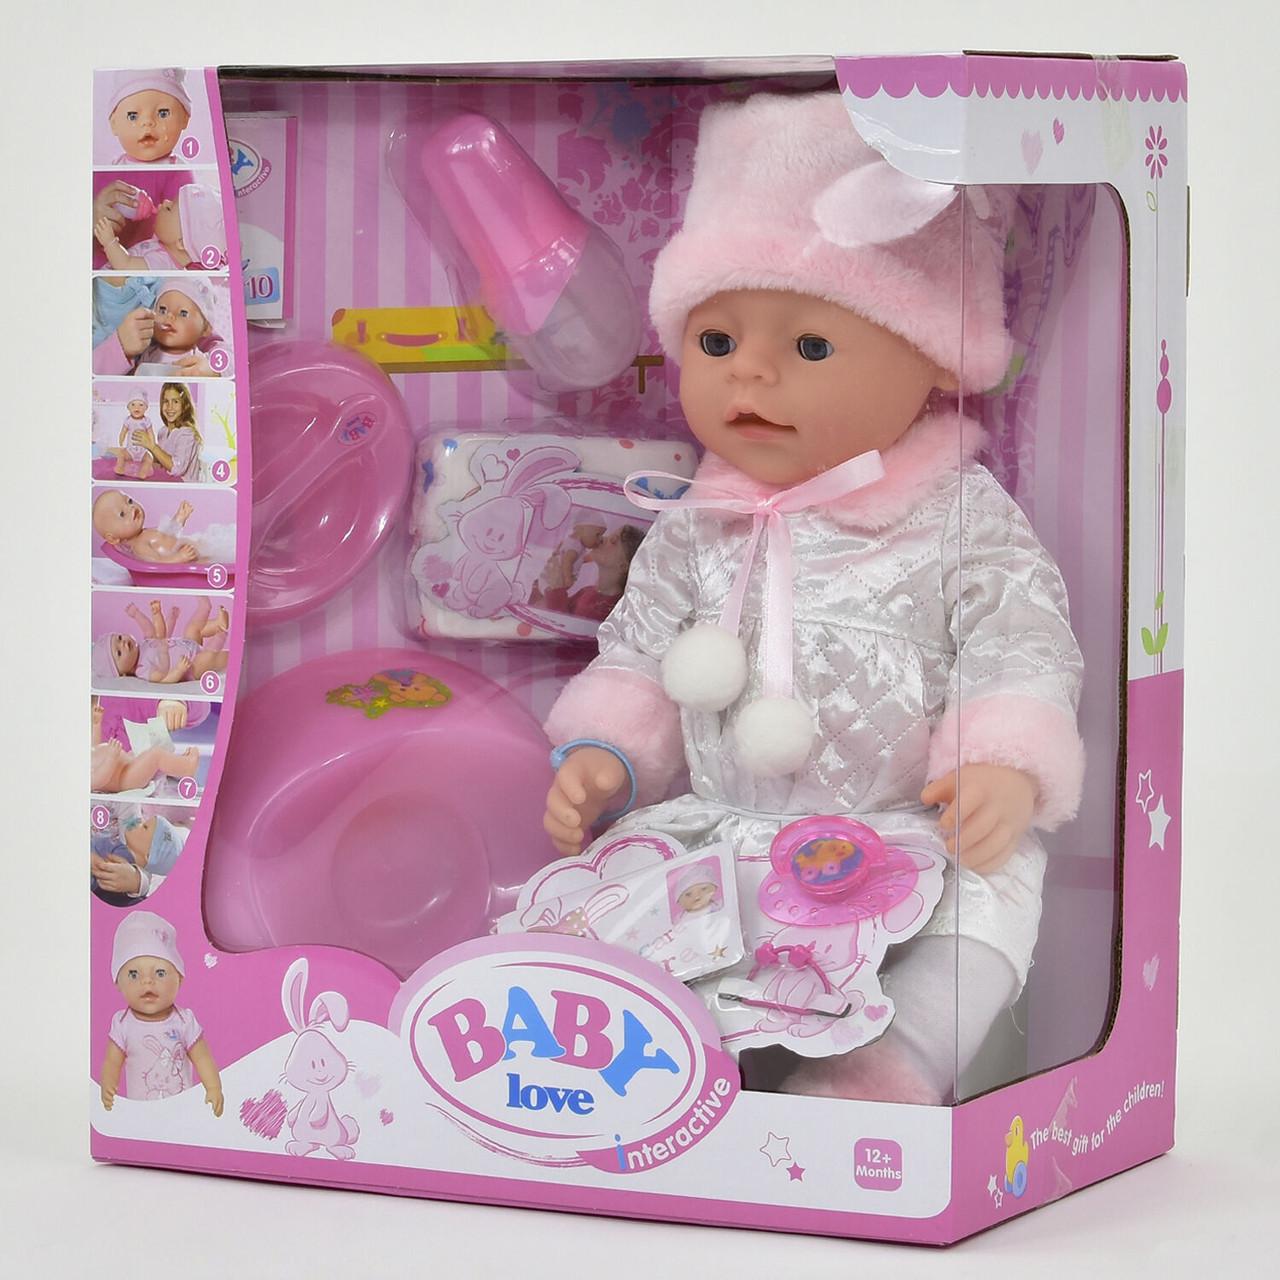 Функциональный пупс Baby Love BL 020 G имеет 8 функций с аксессуарами